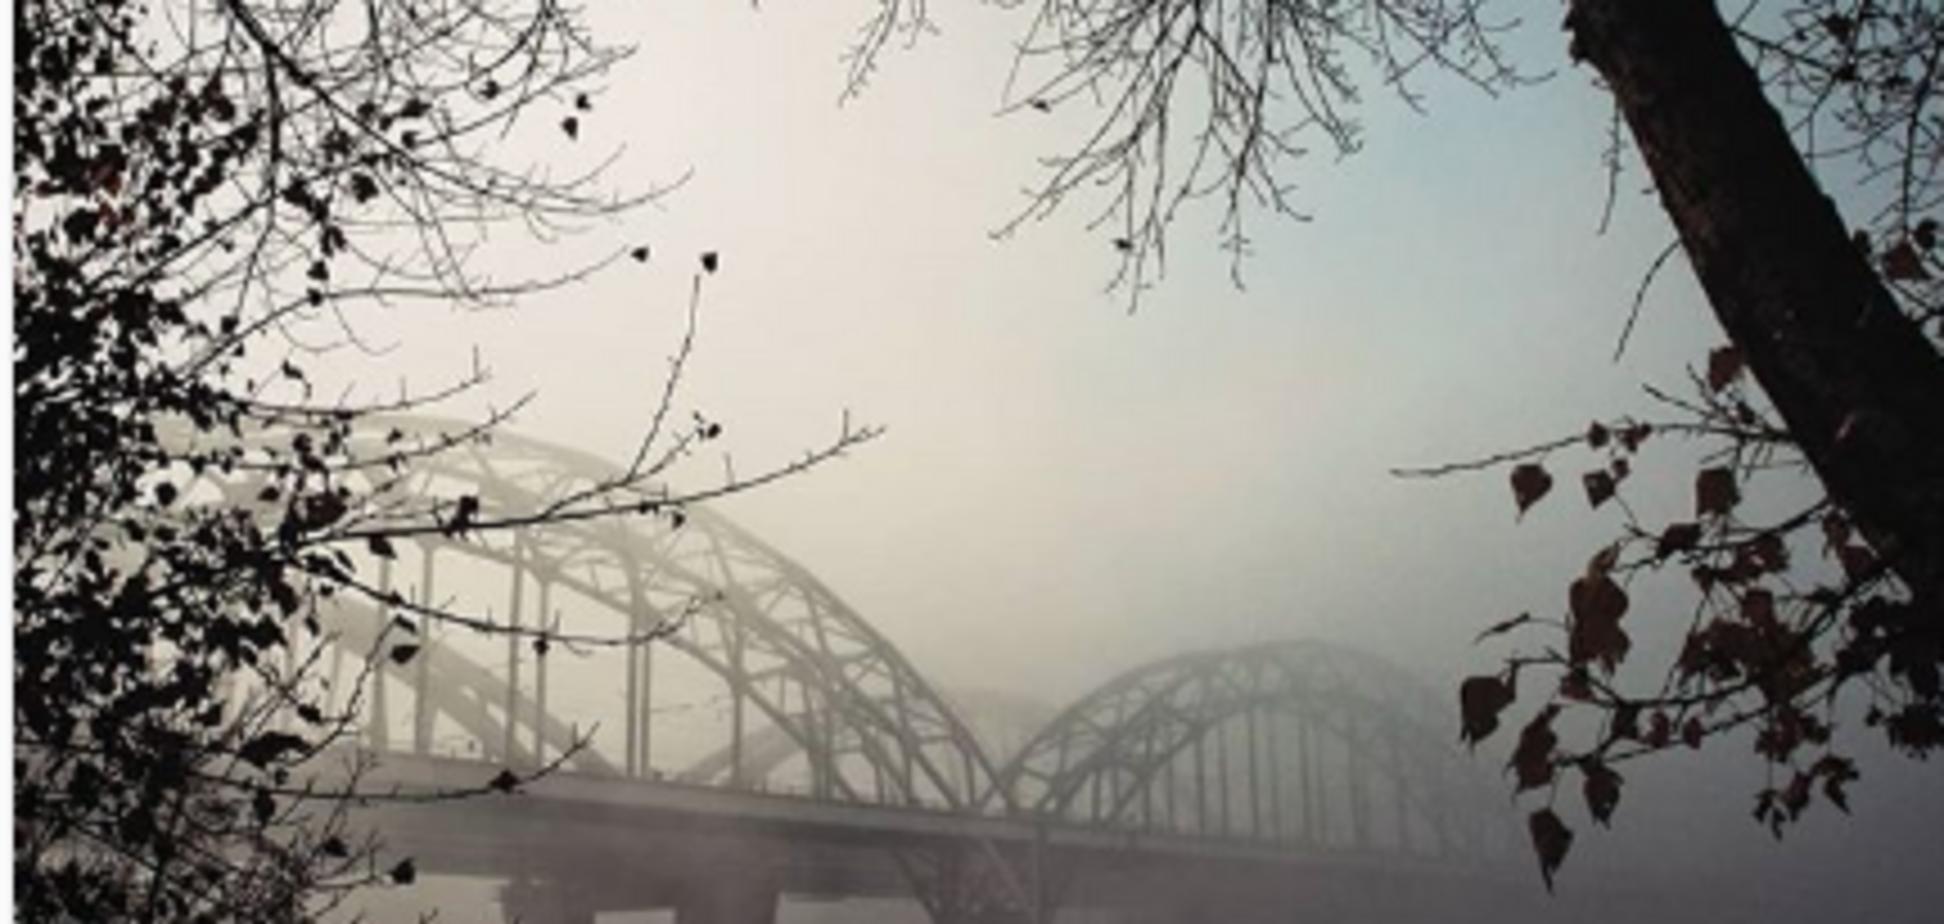 Київ в імлі: топ фото осінньої столиці в Instagram